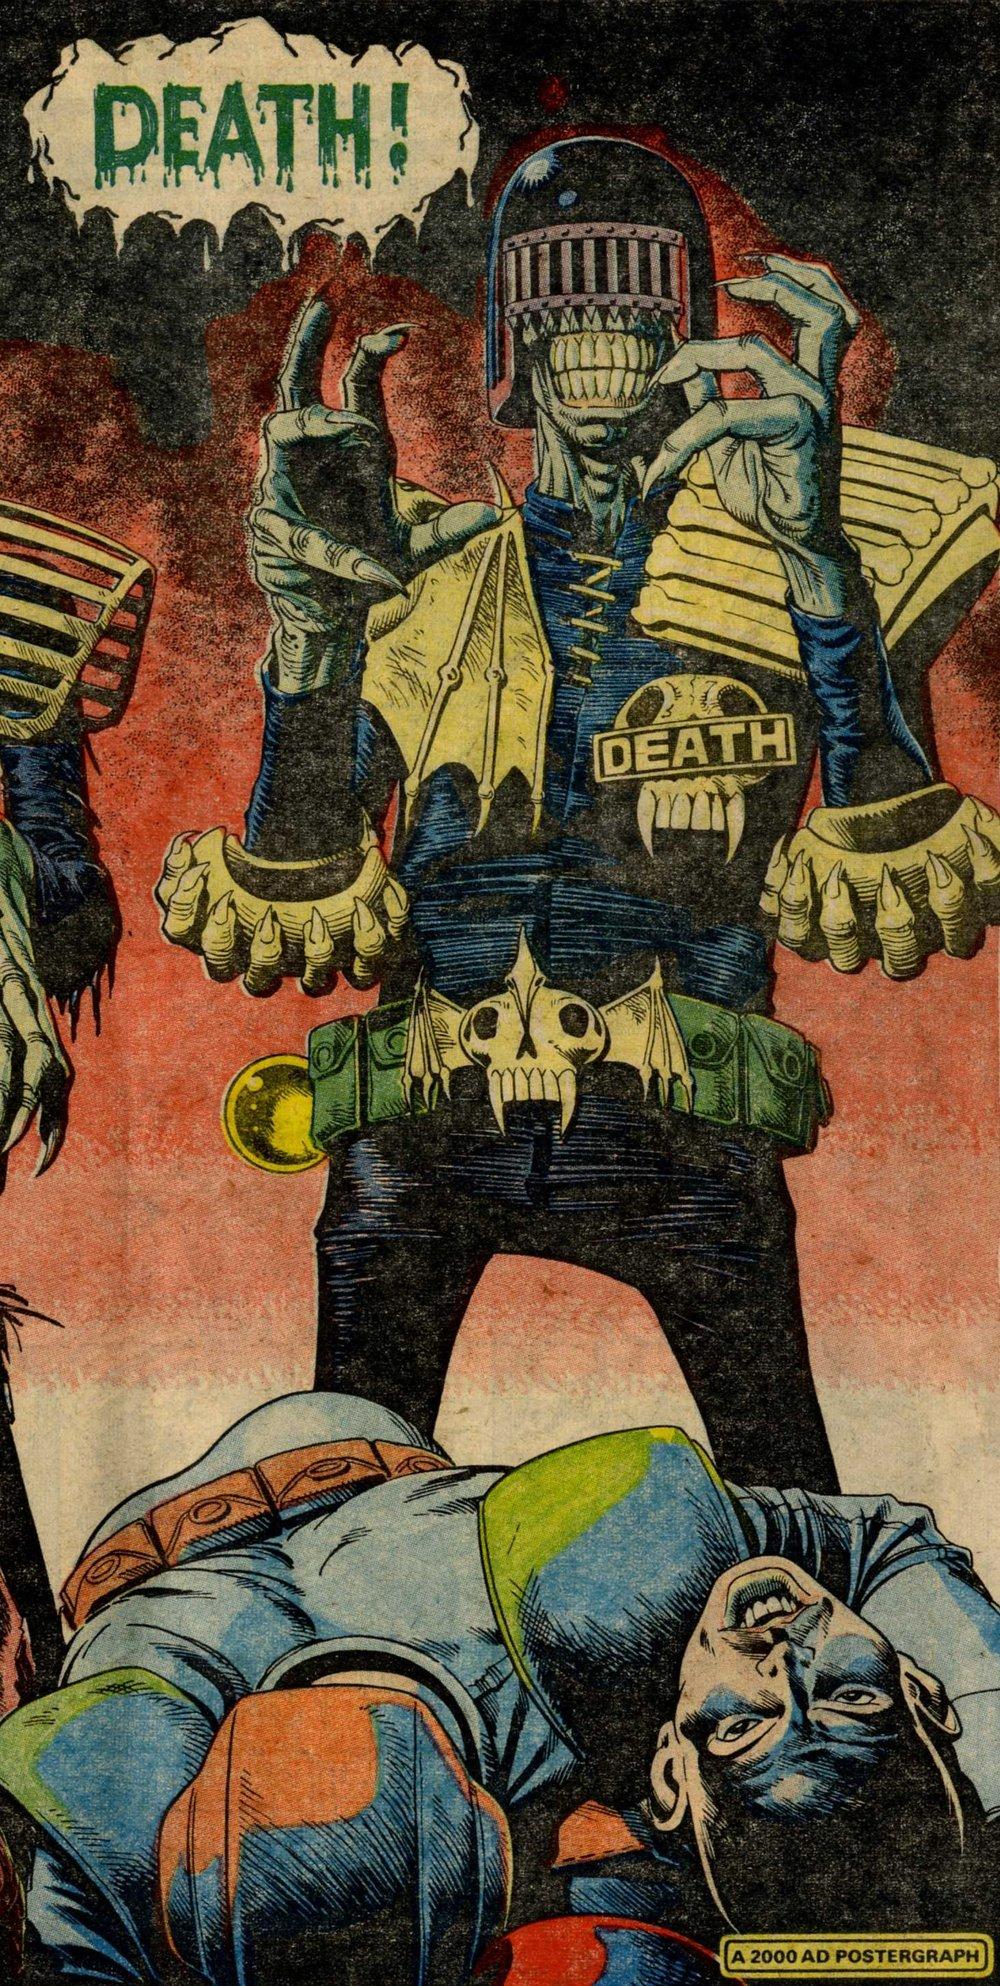 Judge Death, drawn by Brian Bolland